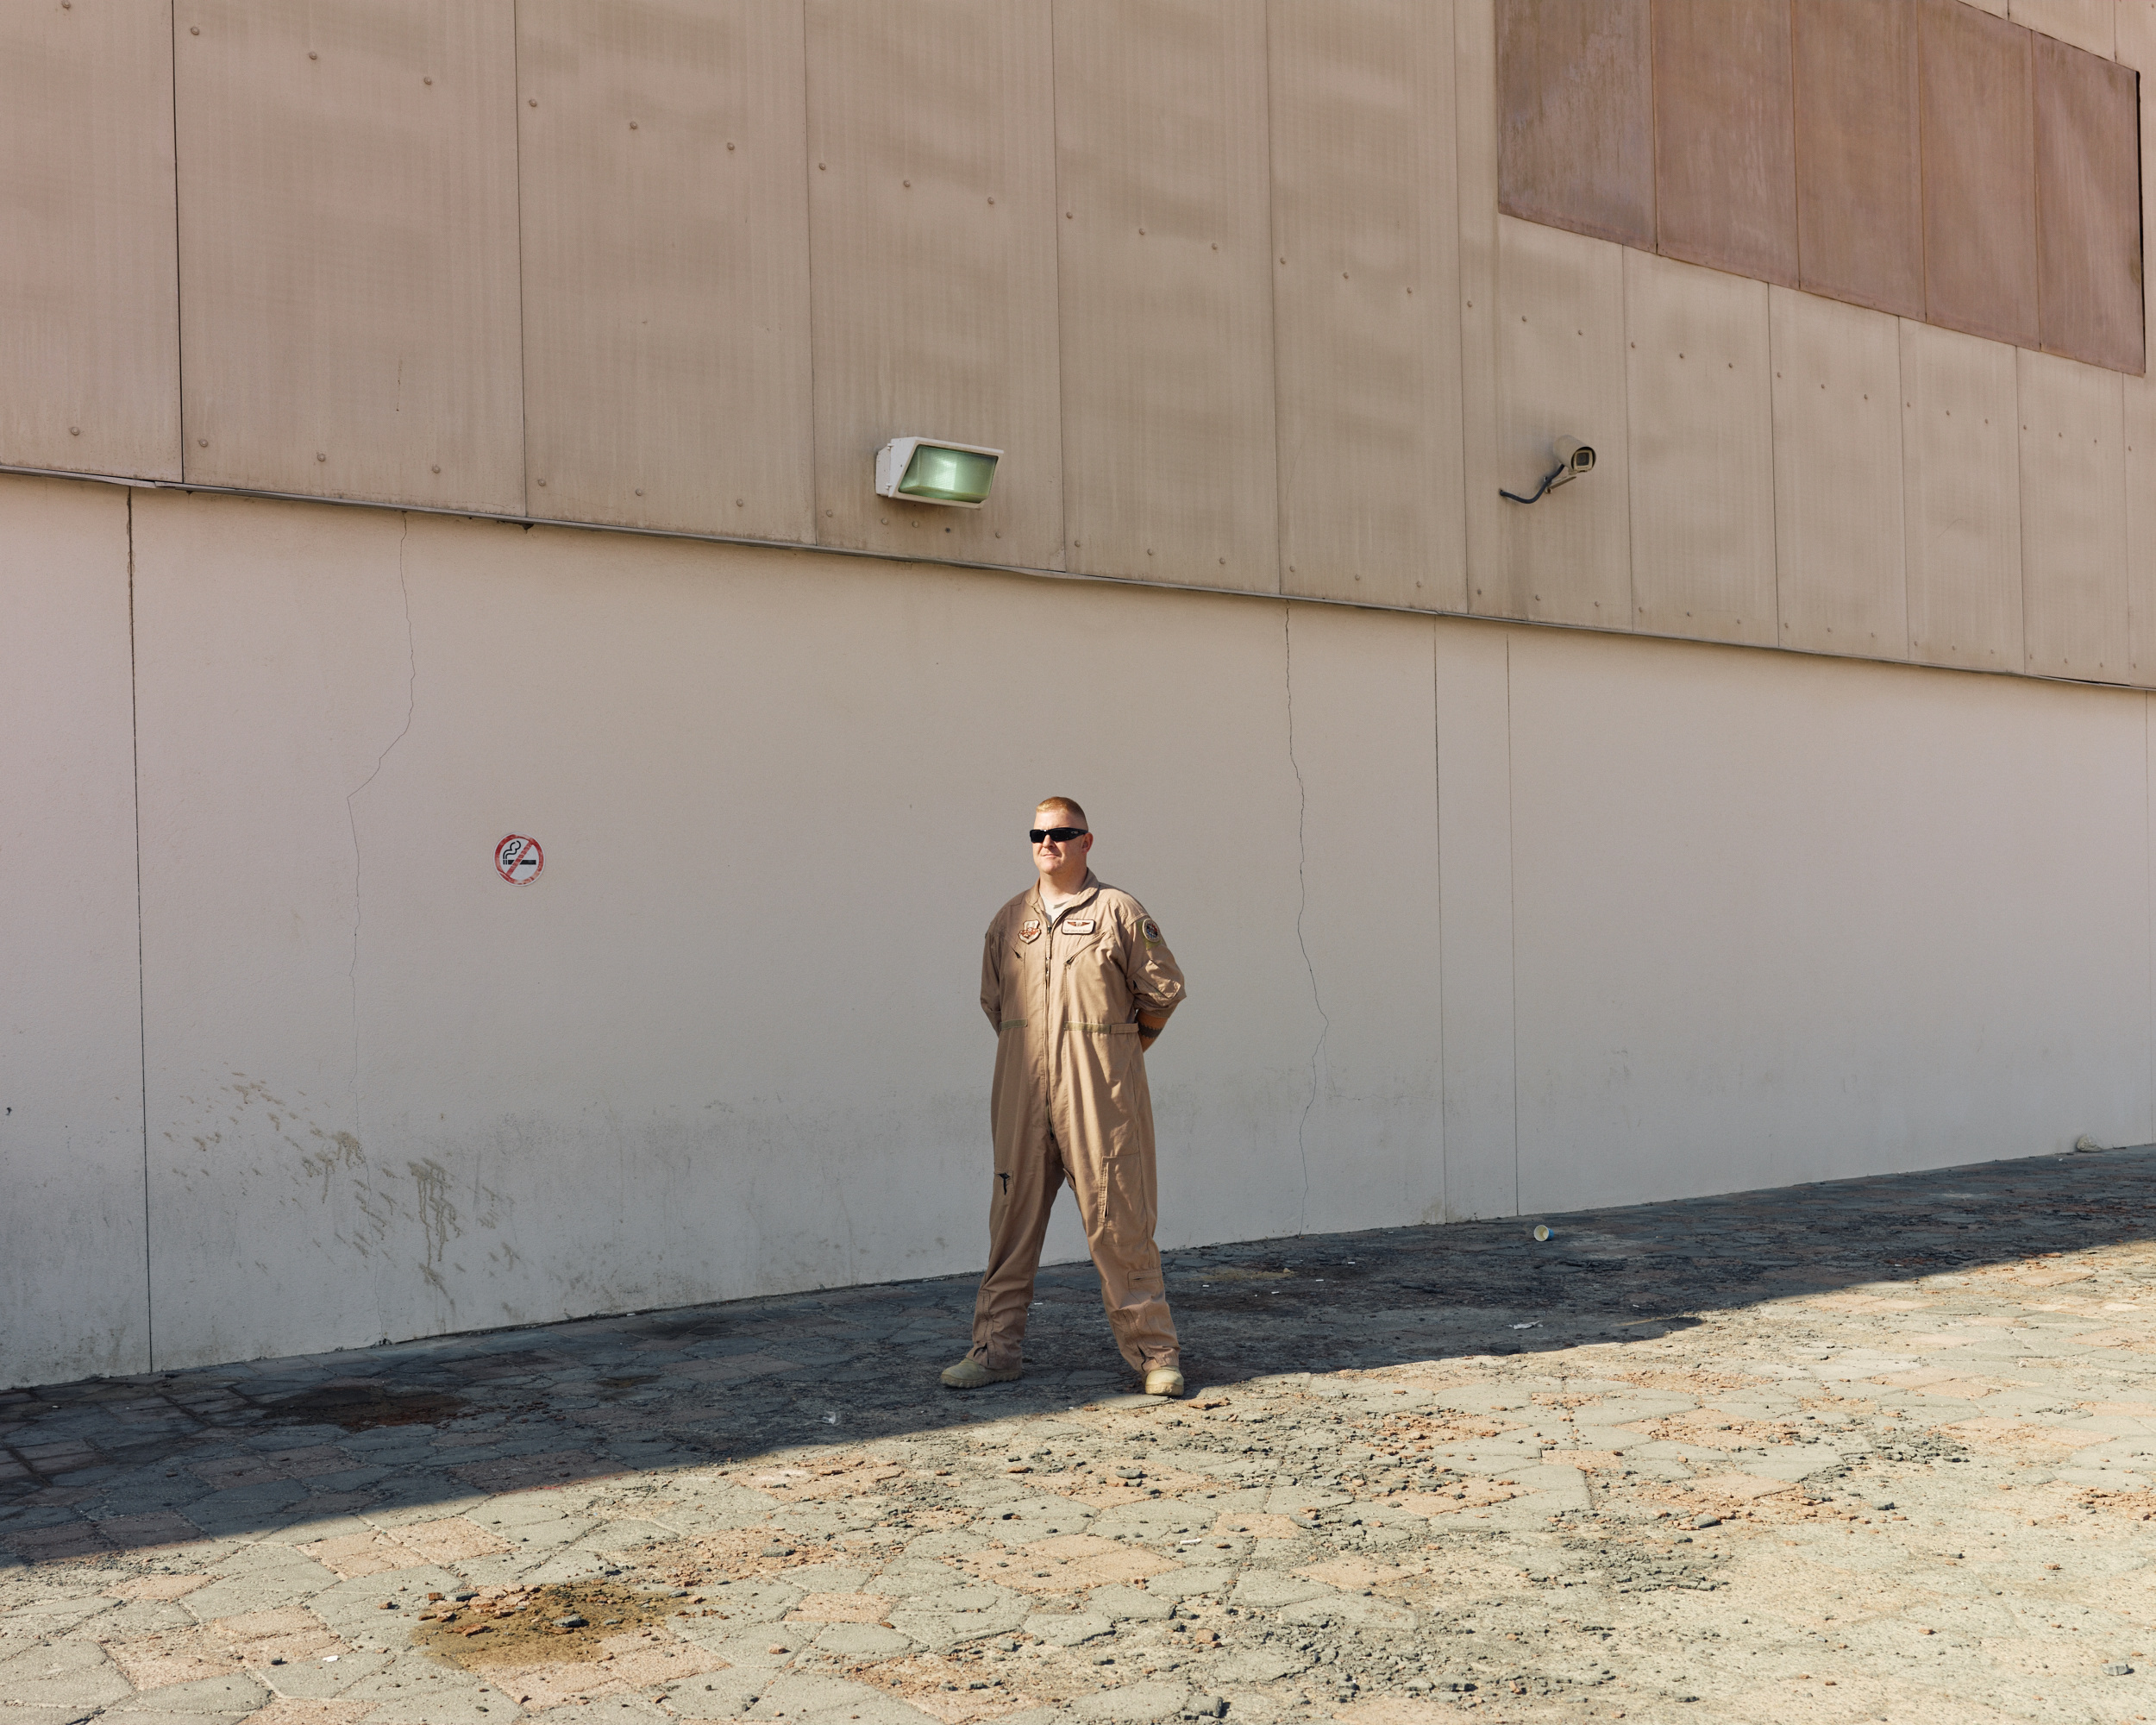 An airman stands outside a hangar at the Air Warfare Center in Al Dhafra, UAE. ( Jason Koxvold )